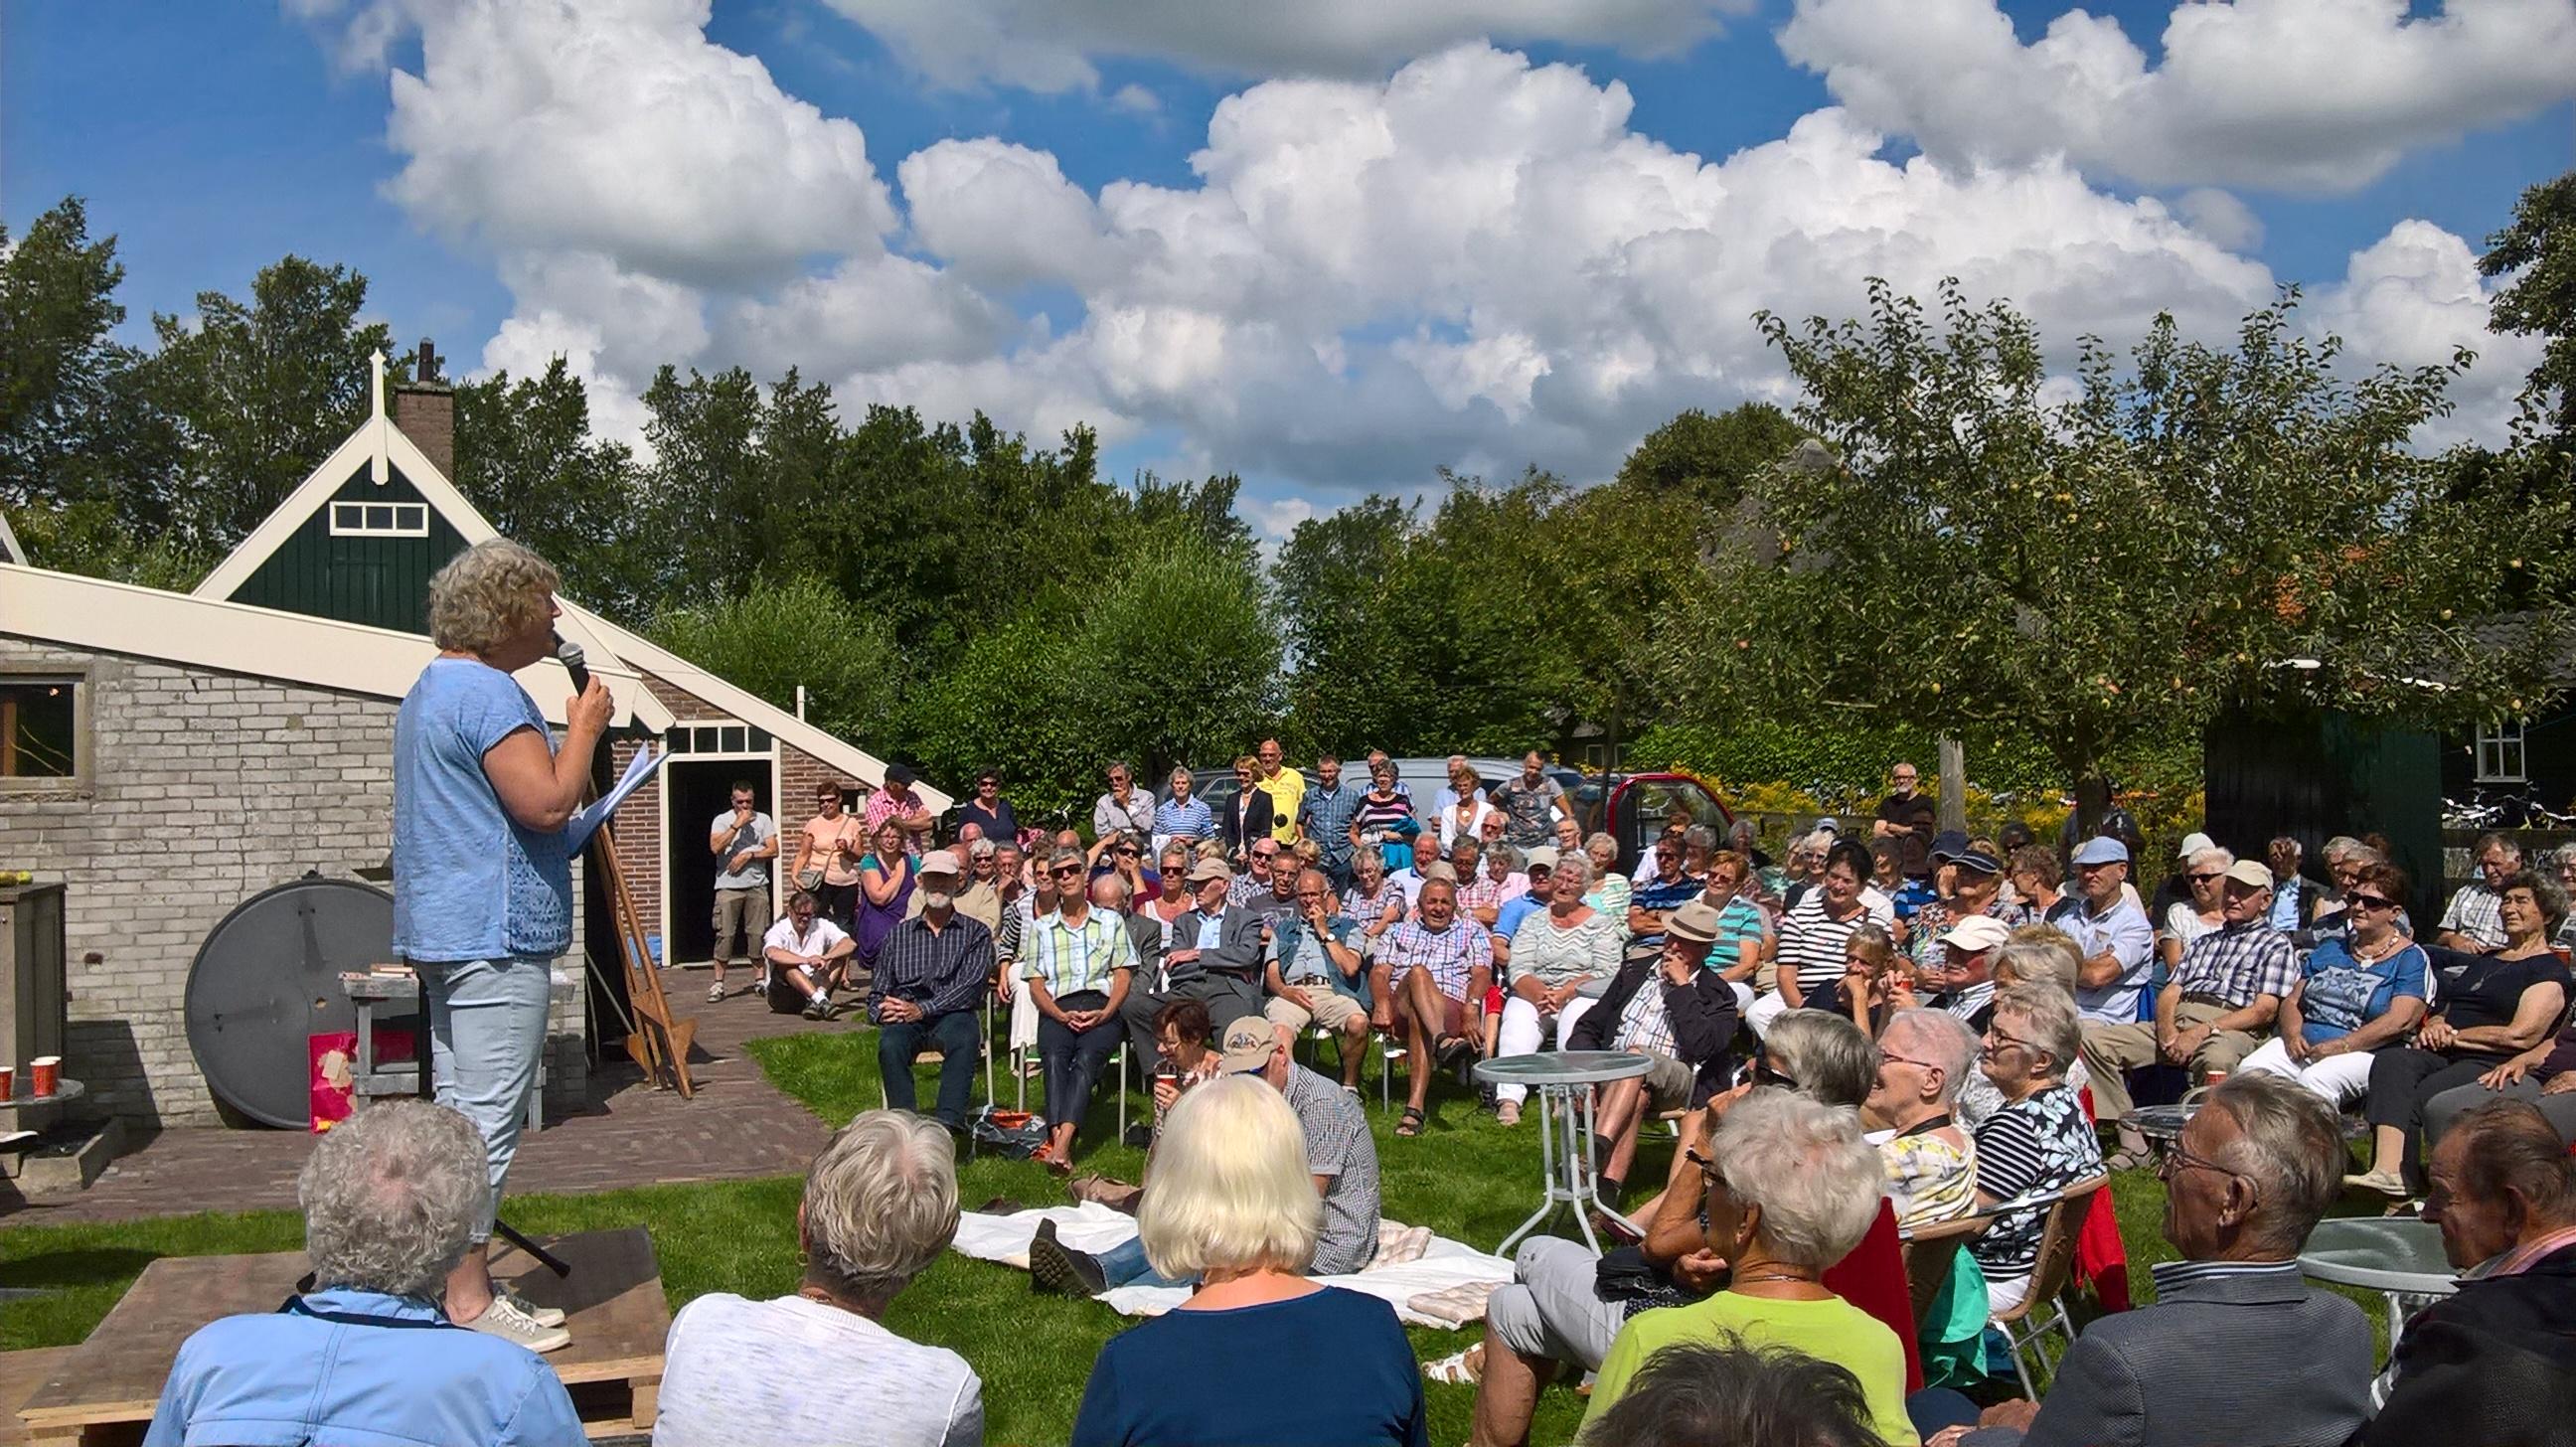 Drukte bij een eerder West-Fries optreden bij het Huis van Oud. (Foto: aangeleverd)